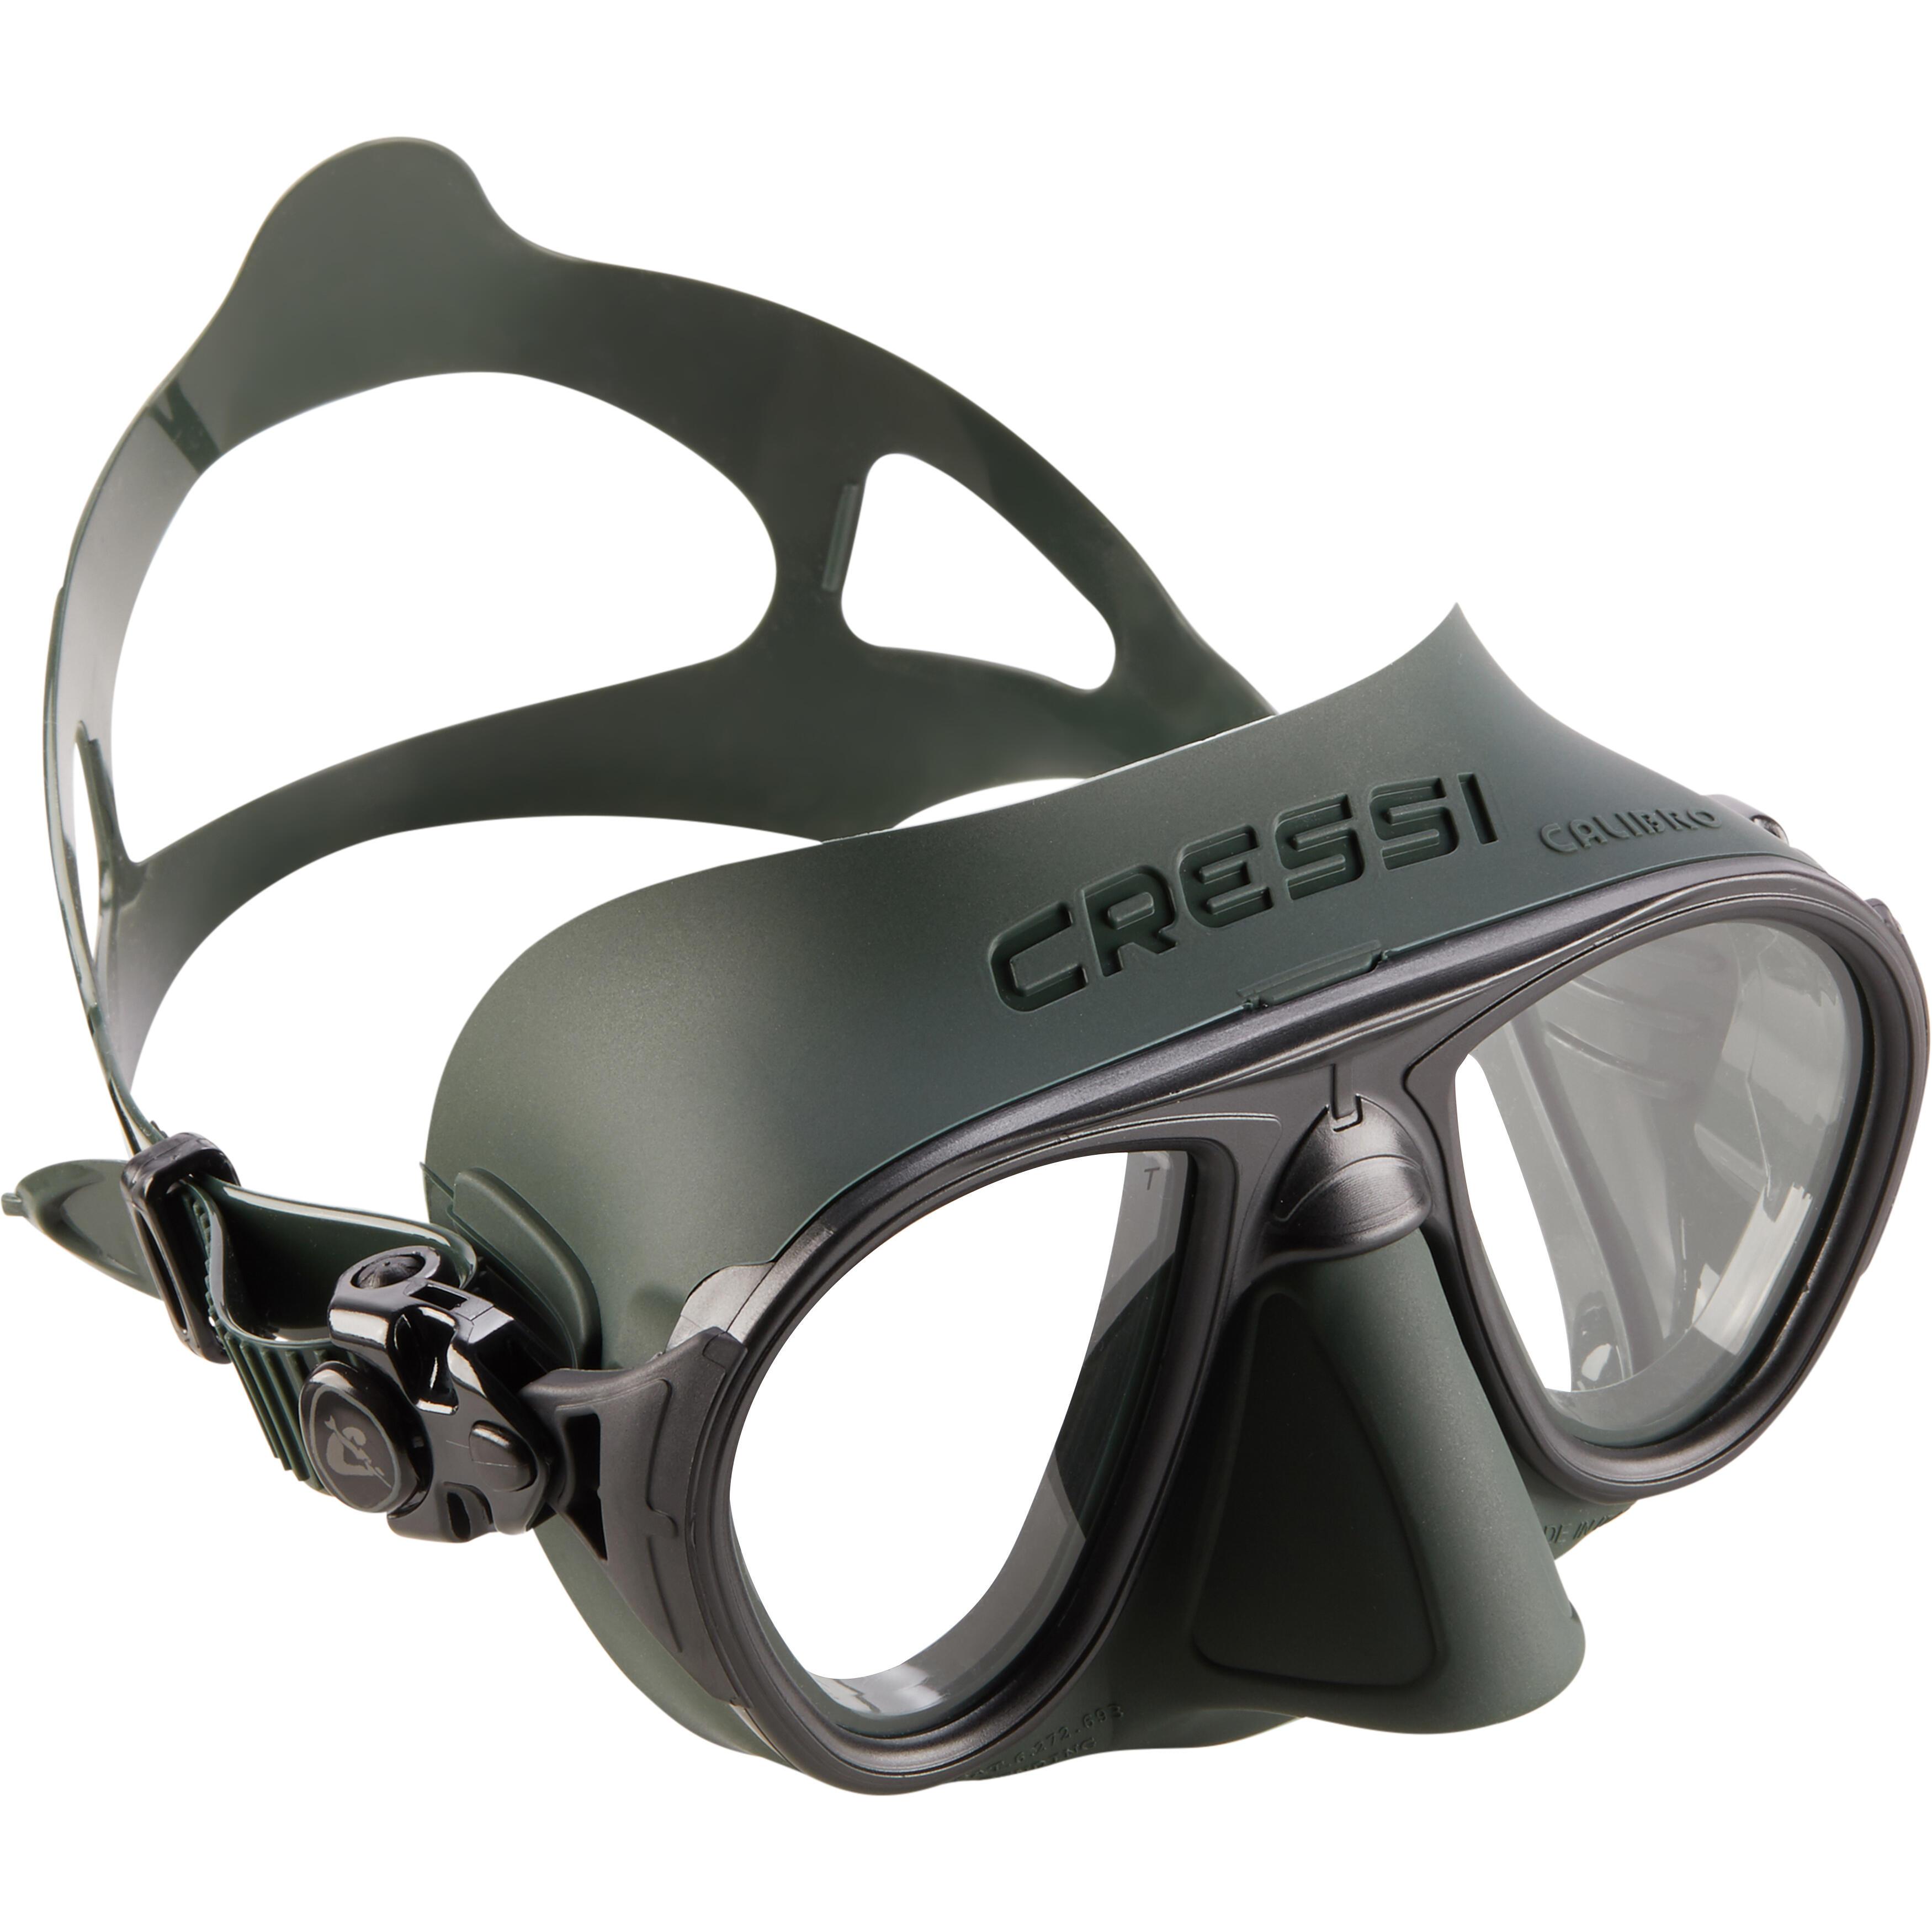 Cressi-sub Duikbril Calibro voor harpoenvissen en vrijduiken groen